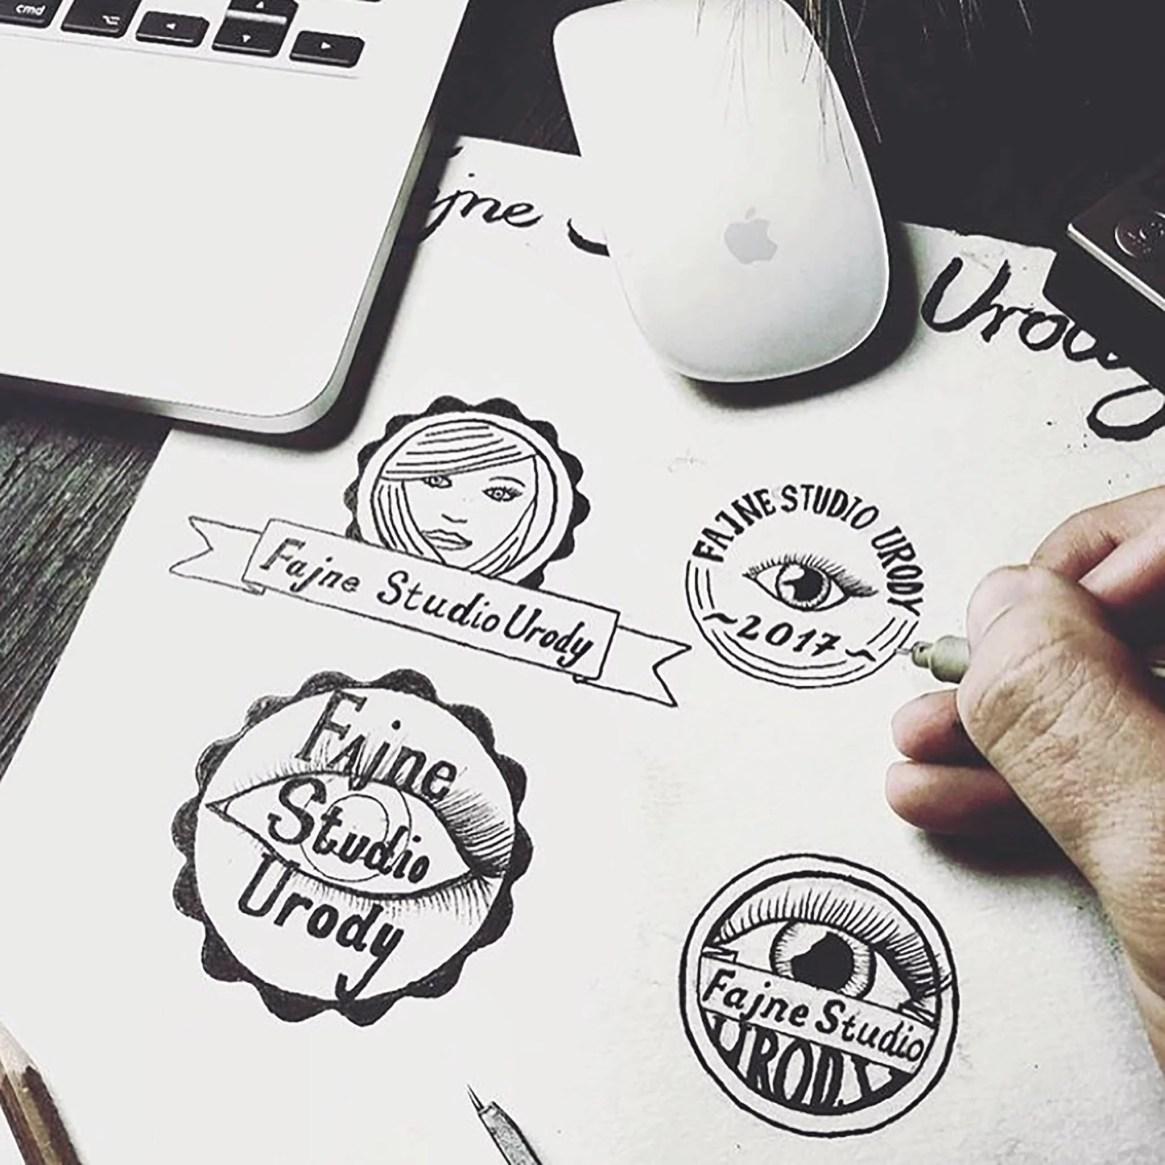 Szkice logo fajny salon urody